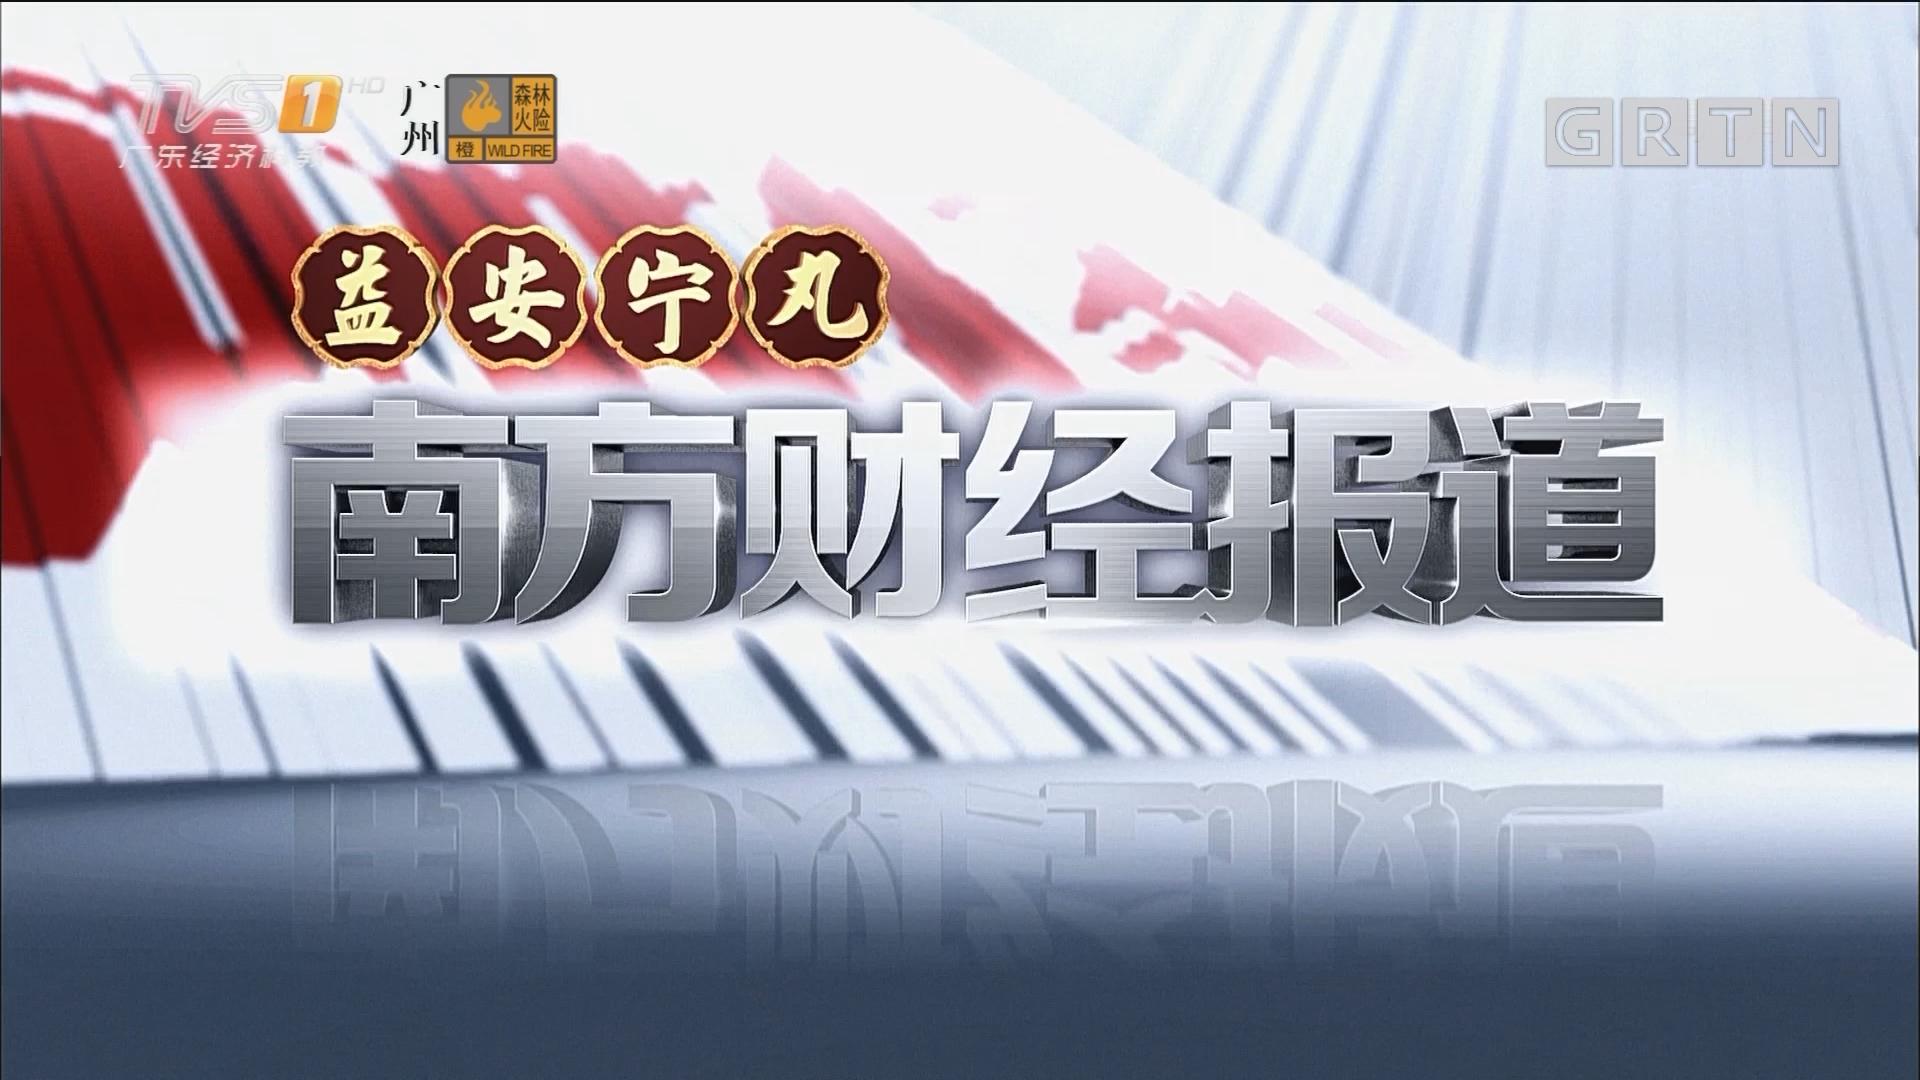 [HD][2018-01-02]南方财经报道:跨年两天 全国铁路、广州地铁客流创新高